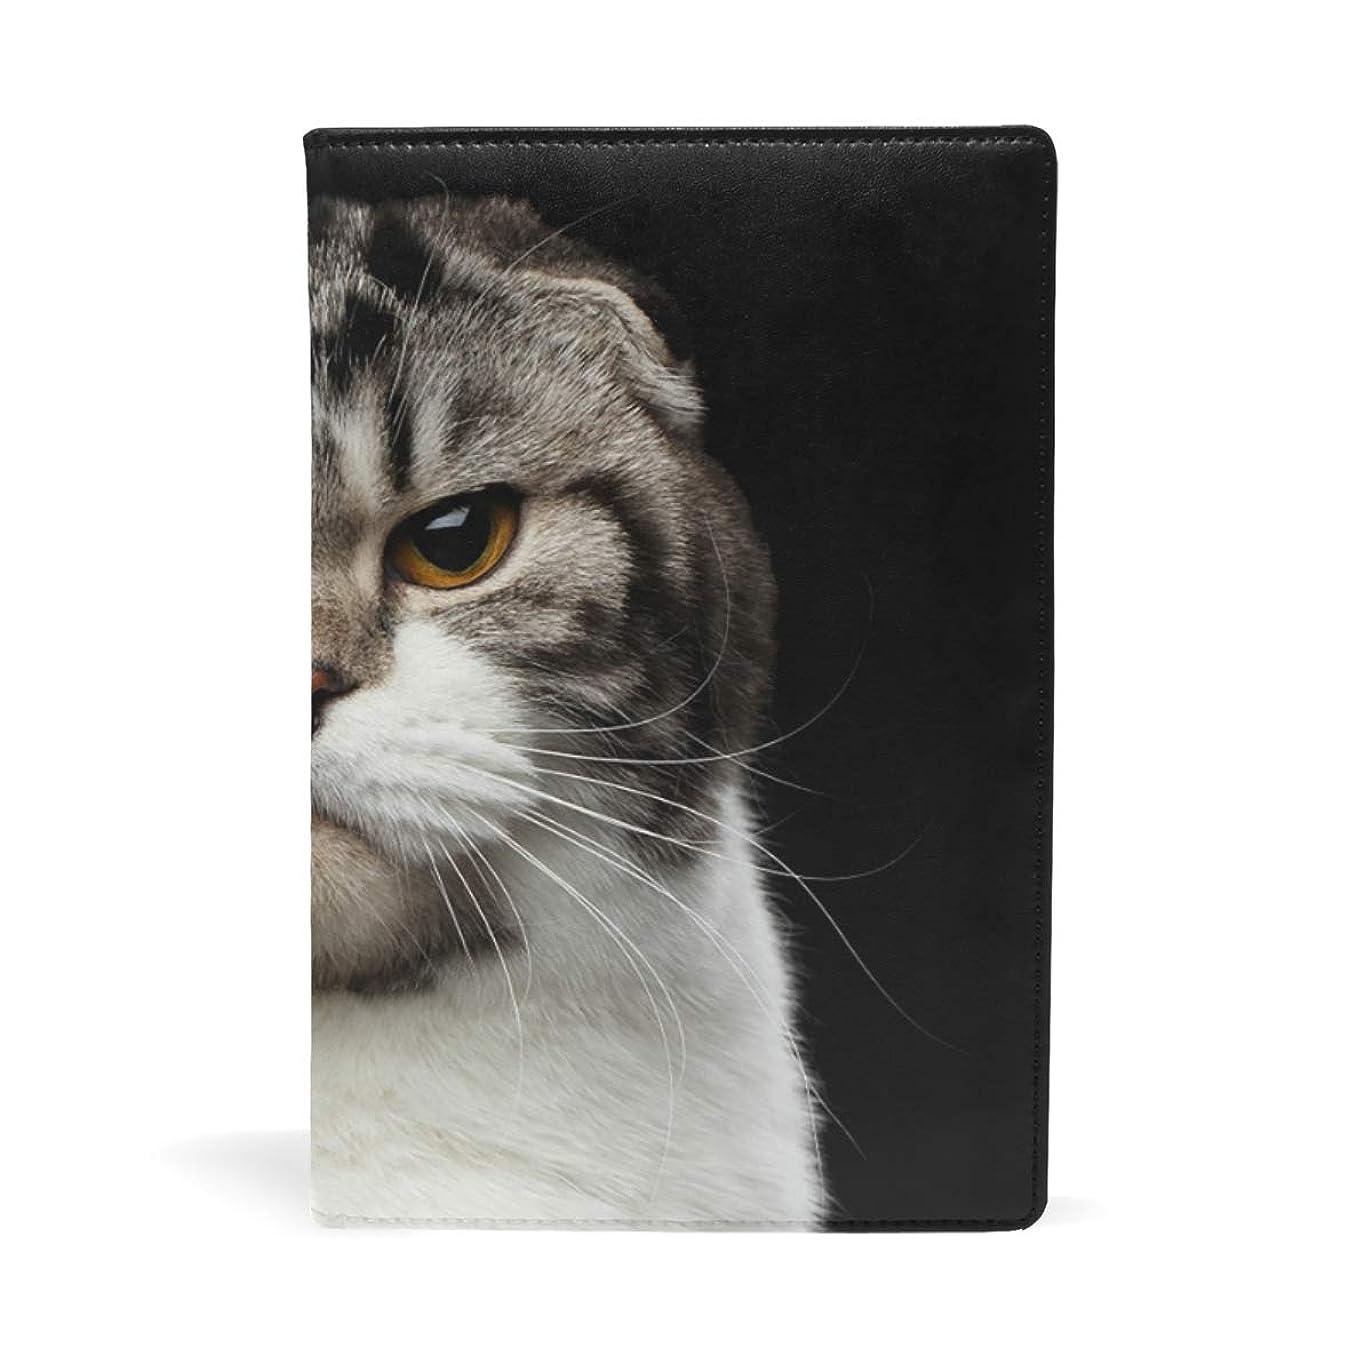 性交バッチ召集する猫柄 ブックカバー 文庫 a5 皮革 おしゃれ 文庫本カバー 資料 収納入れ オフィス用品 読書 雑貨 プレゼント耐久性に優れ